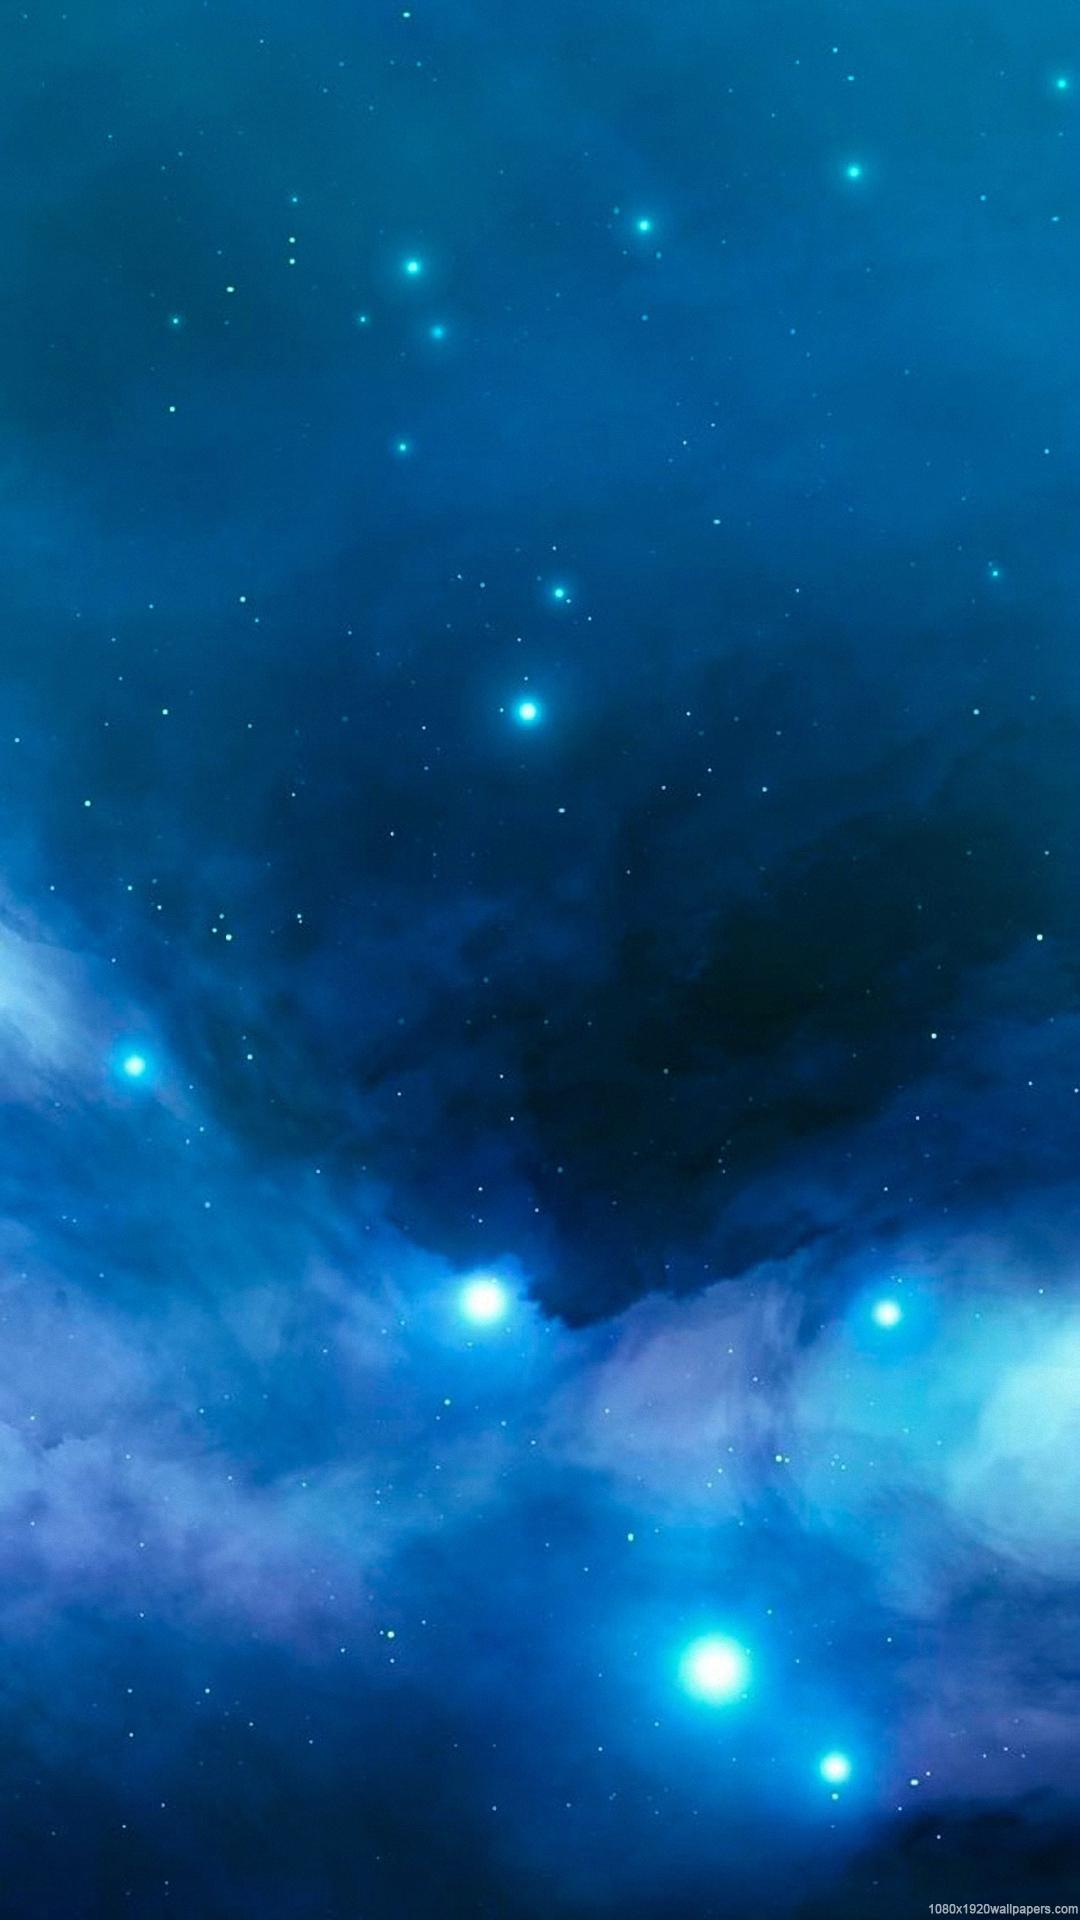 [67+] Star Sky Wallpaper On WallpaperSafari